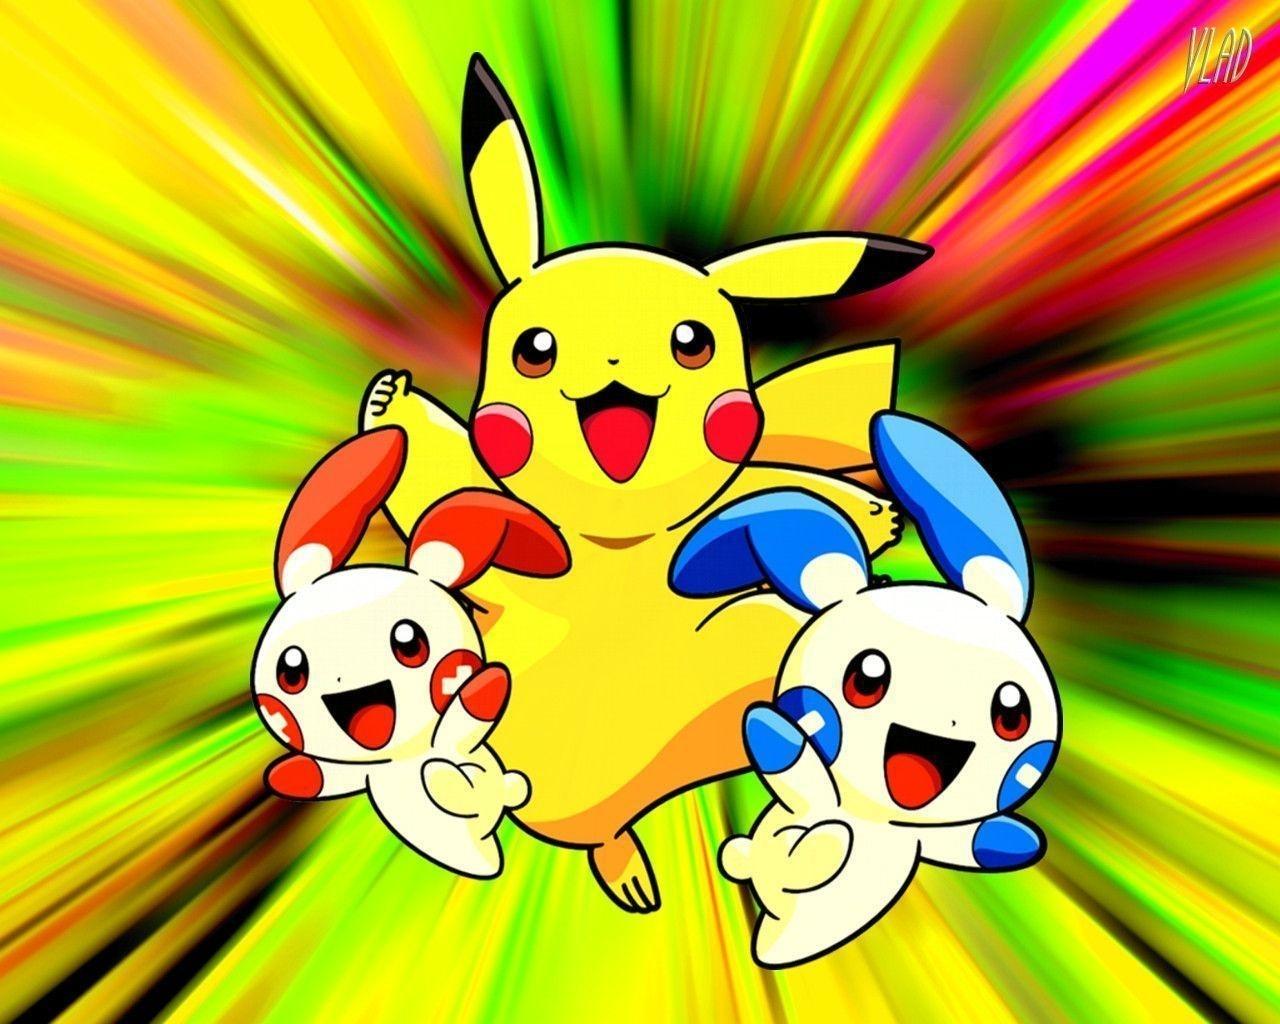 10 Best Cute Pokemon Wallpaper Pikachu Full Hd 1080p For Pc